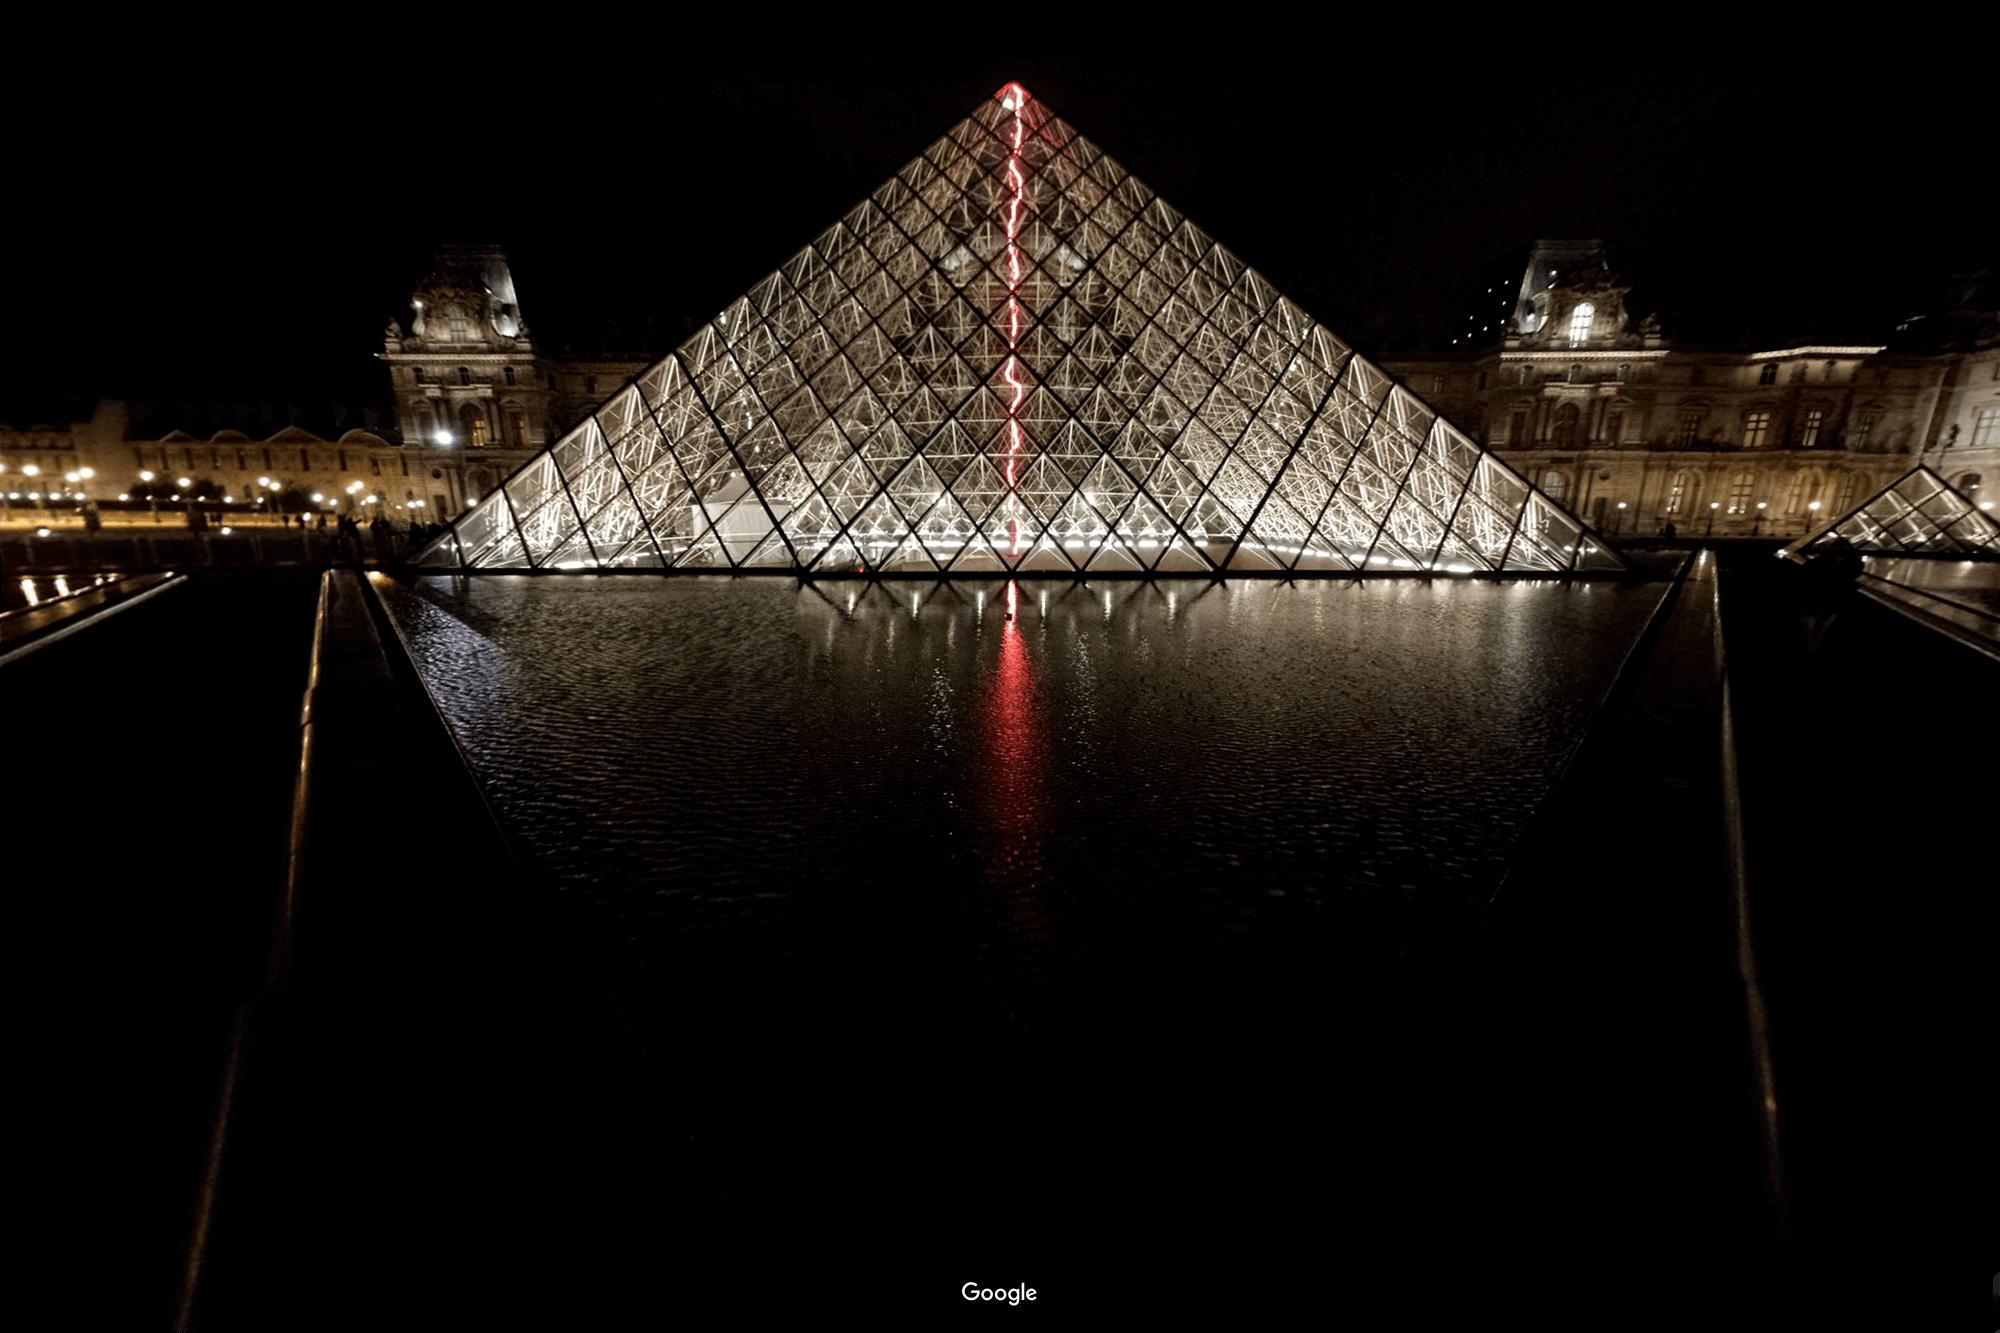 Прототипом стеклянной пирамиды Лувра была египетская пирамида Хеопса